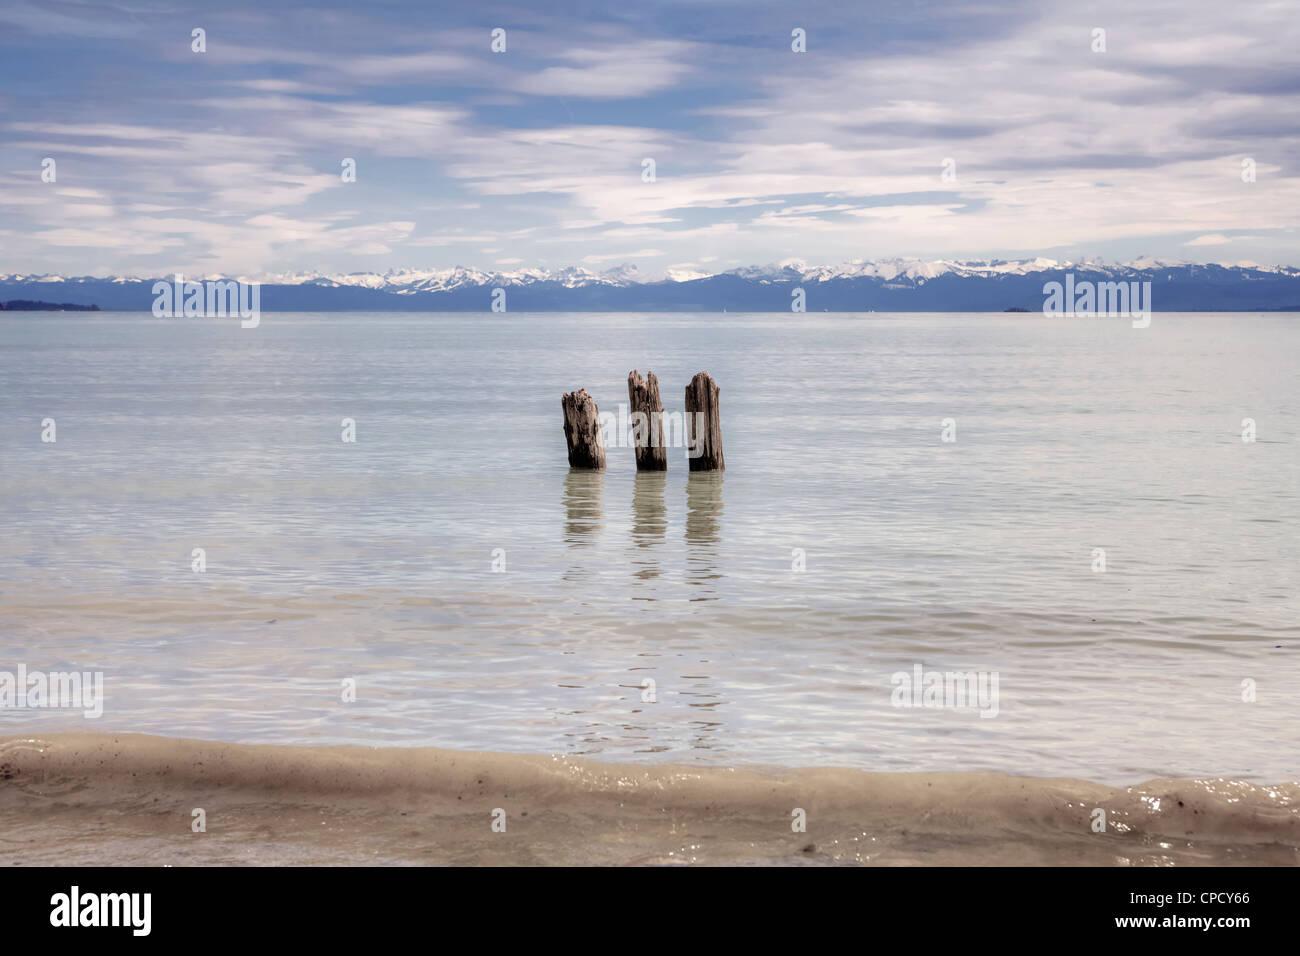 drei gebrochene Holzpfähle im Bodensee, Blick auf die Santis Stockbild